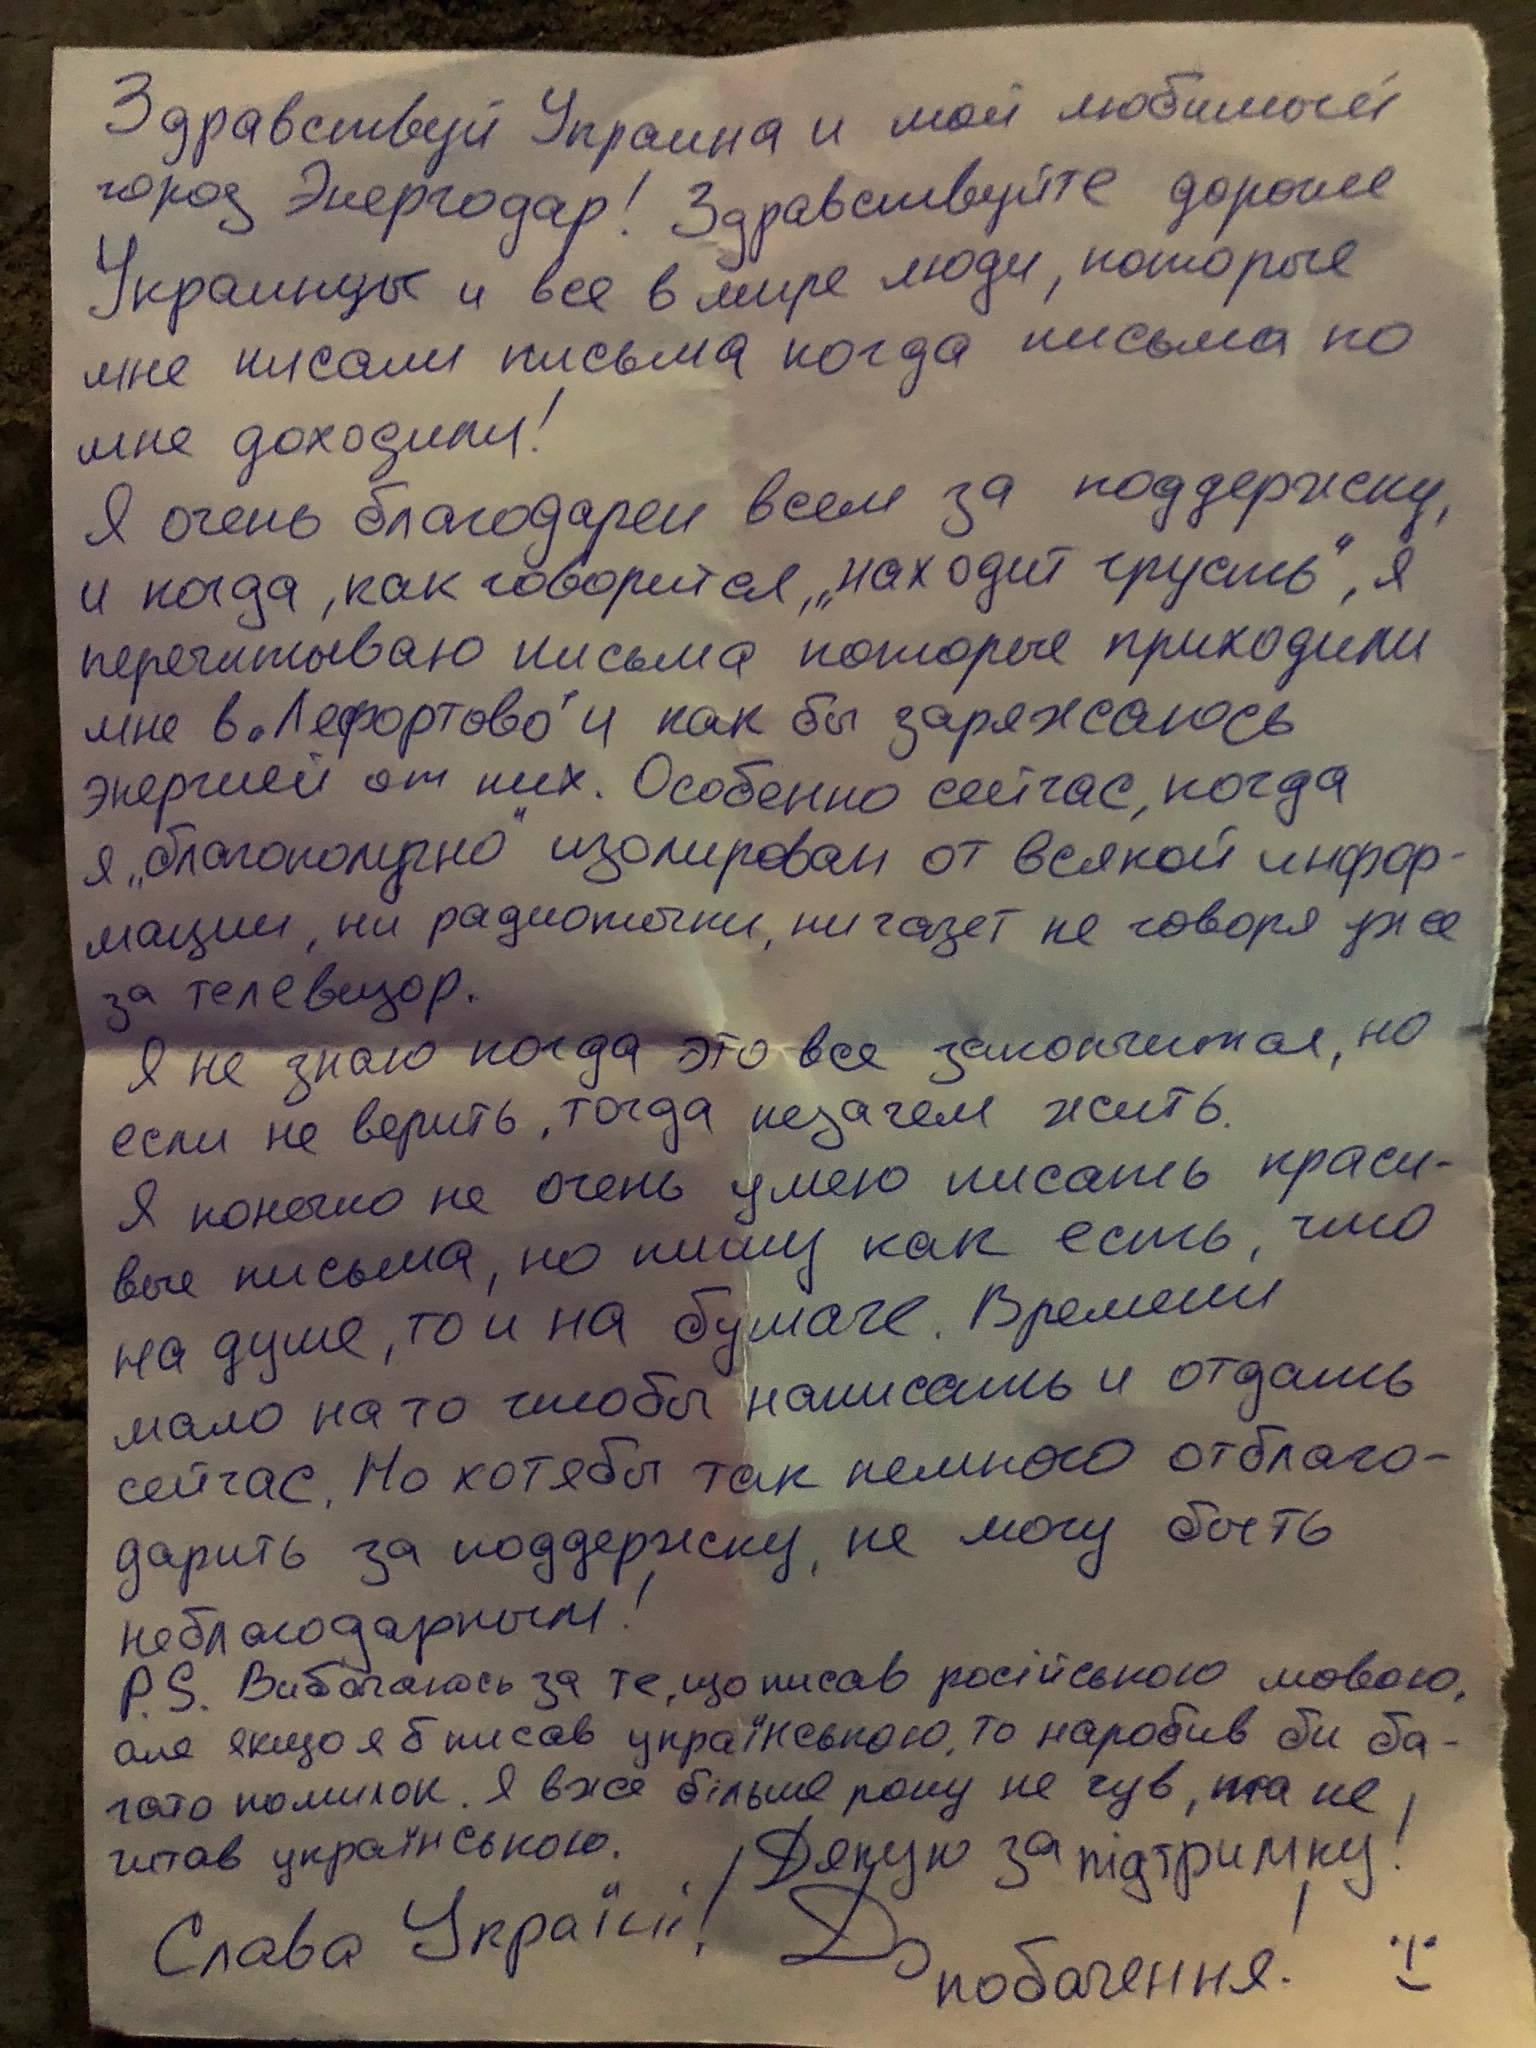 Я перечитую ваші листи та заряджуюся від них енергією, – Євген Панов передав листа із СІЗО